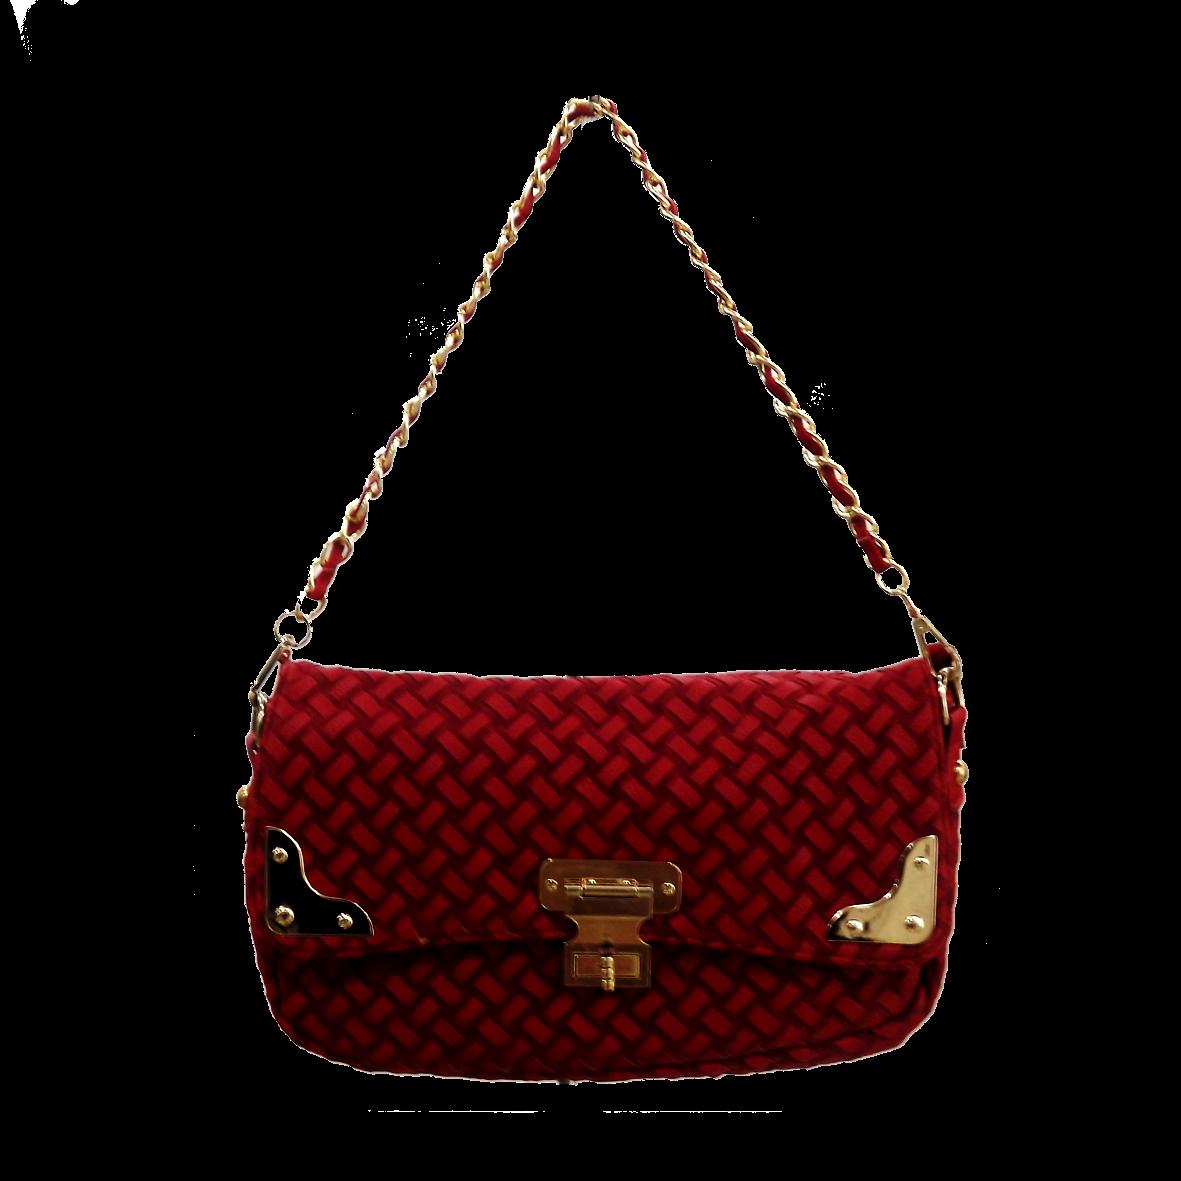 Bolsa Dourada Com Corrente : Bolsa vermelha corrente dourada car interior design